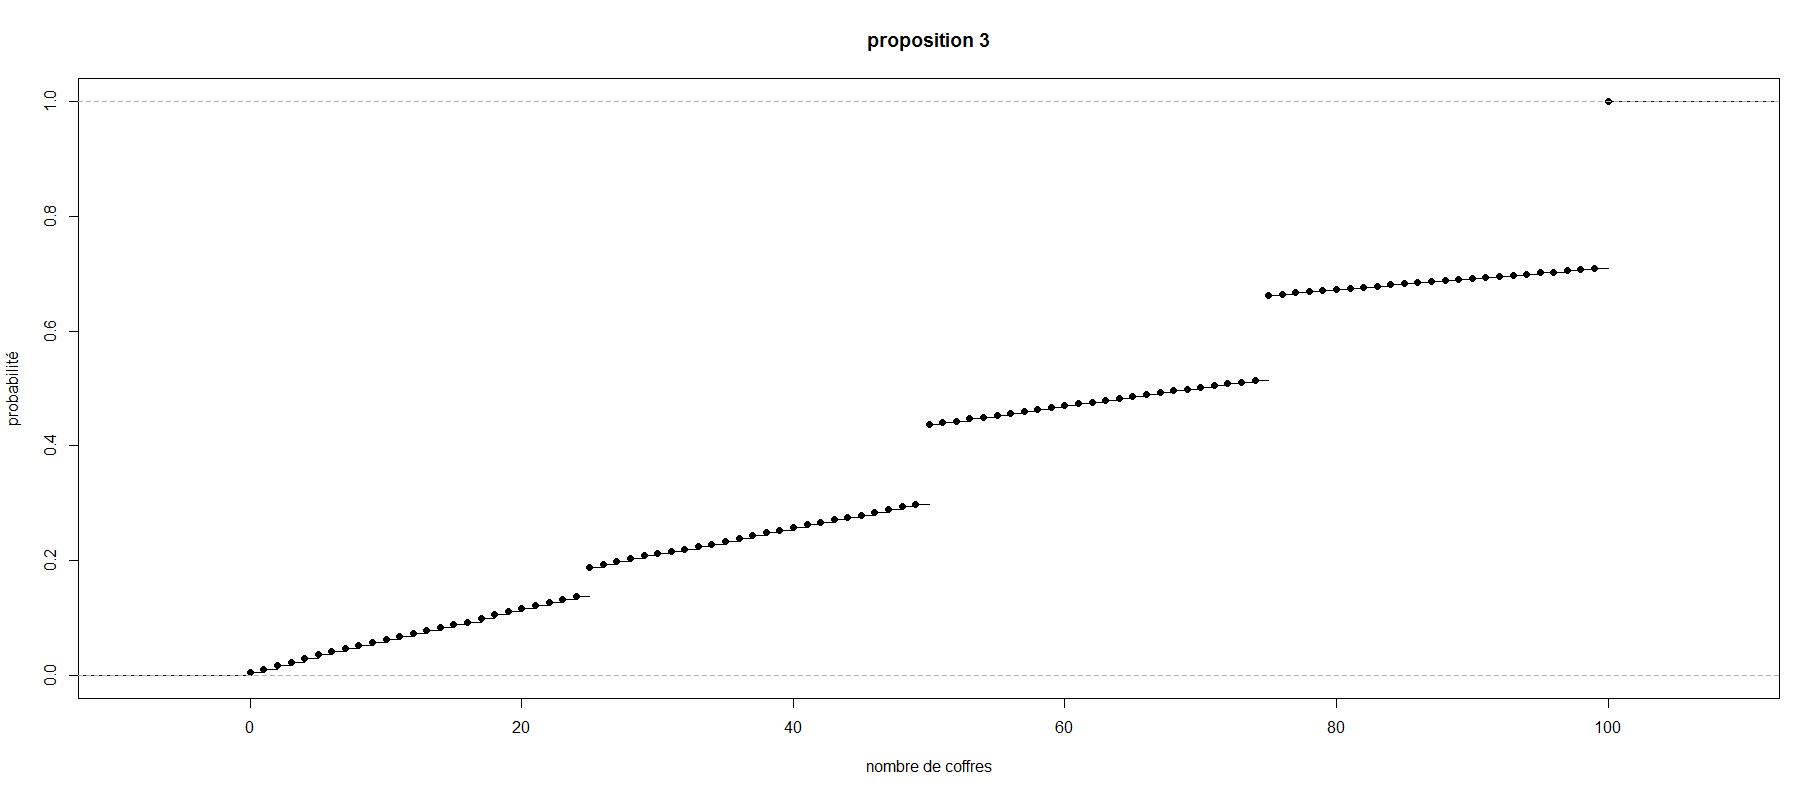 proposition3